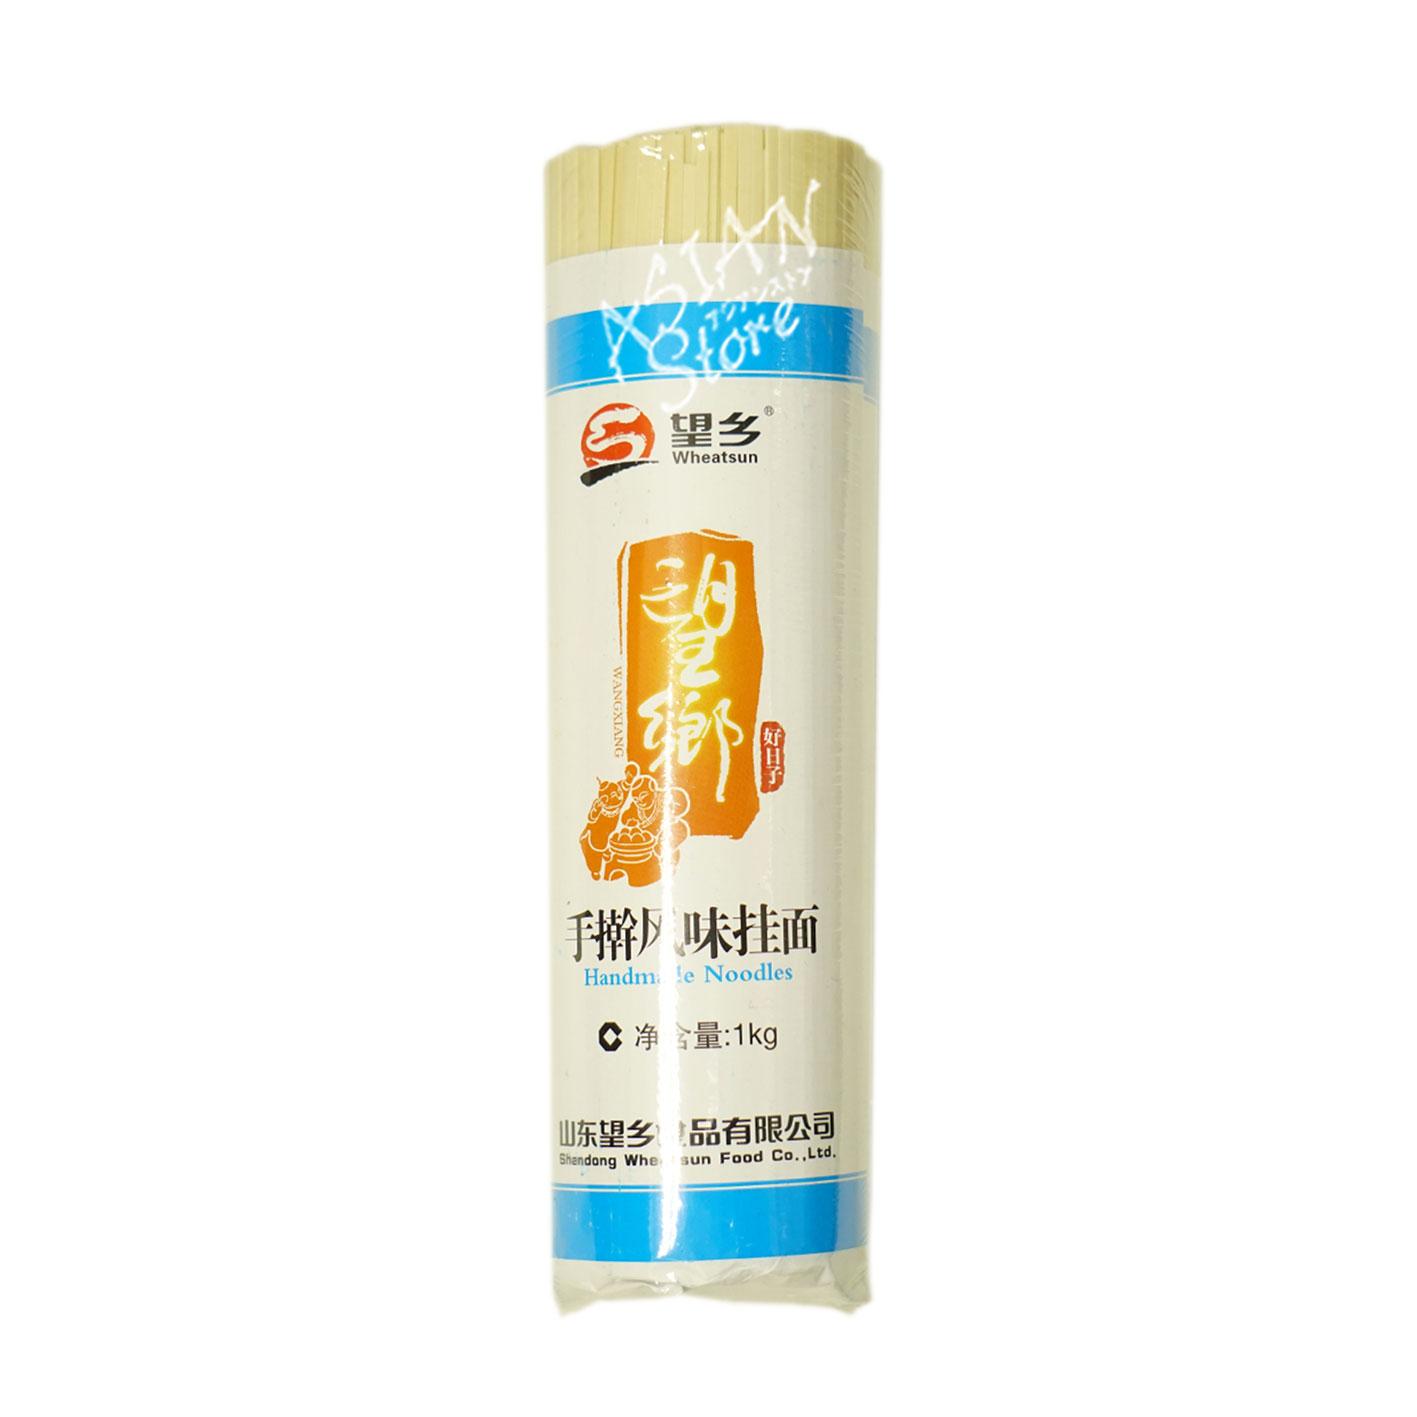 【常温便】中華平麺/望郷手幹風味挂面1000g